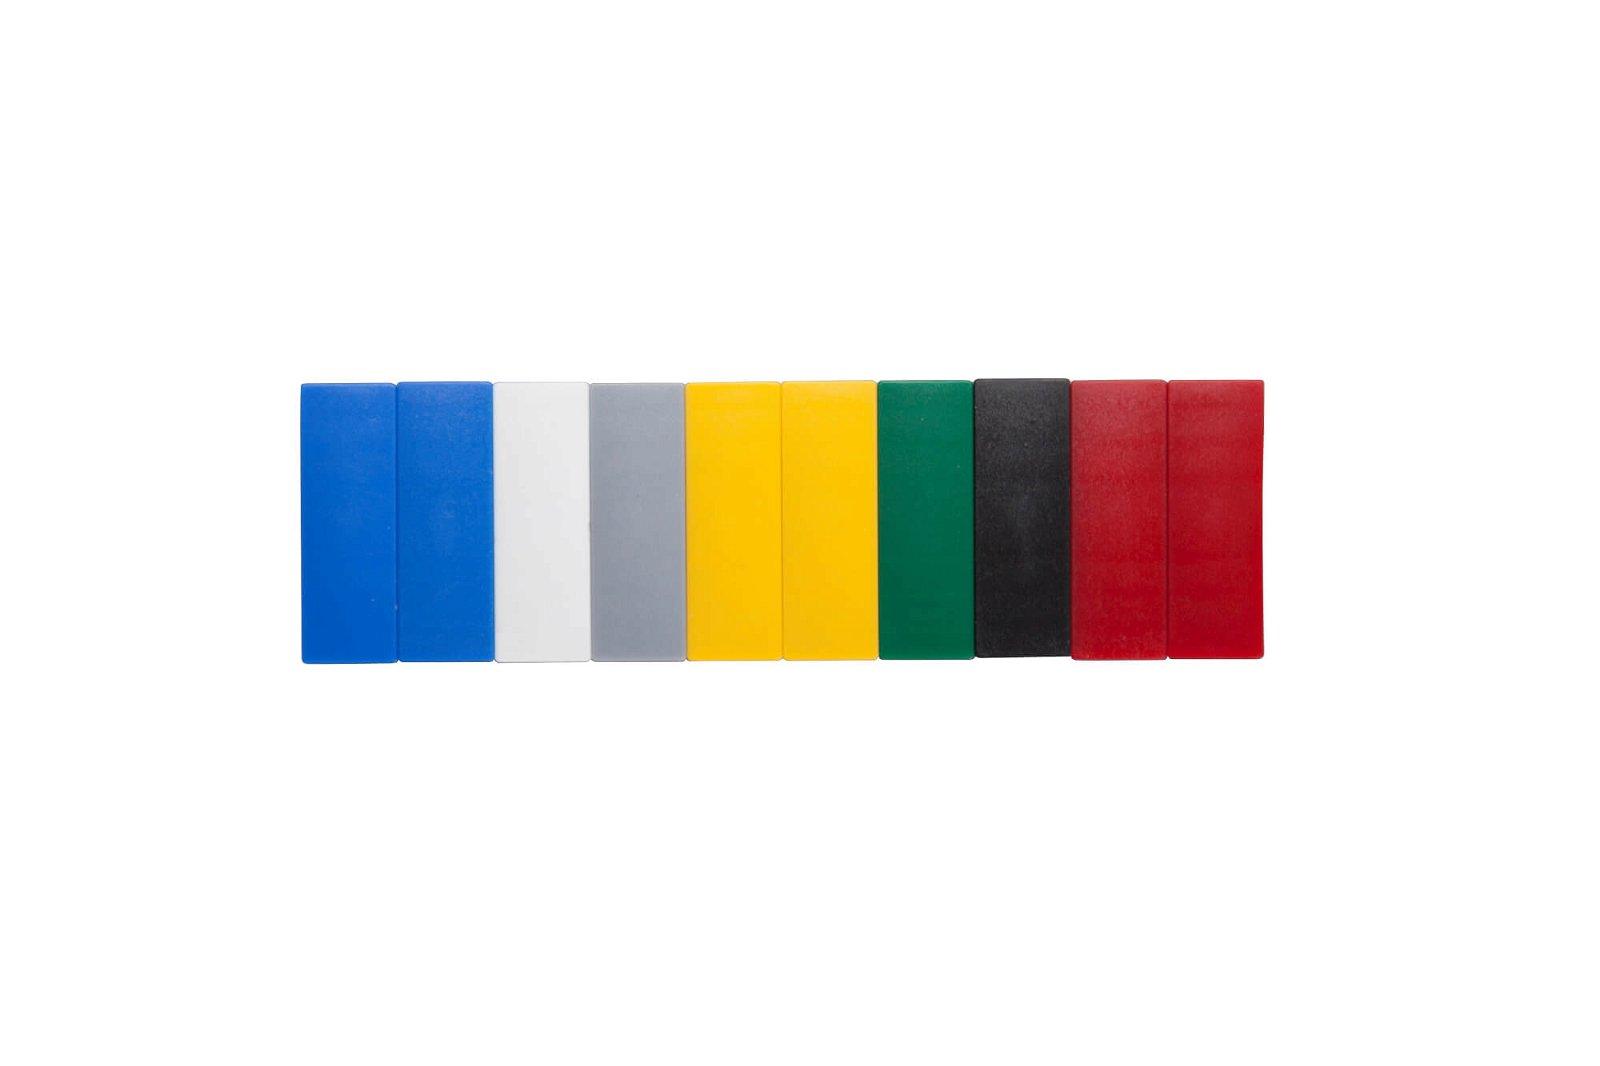 Magnet MAULsolid 54 x 19 mm, 1 kg Haftkraft, 10 St./Ktn, farbig sortiert